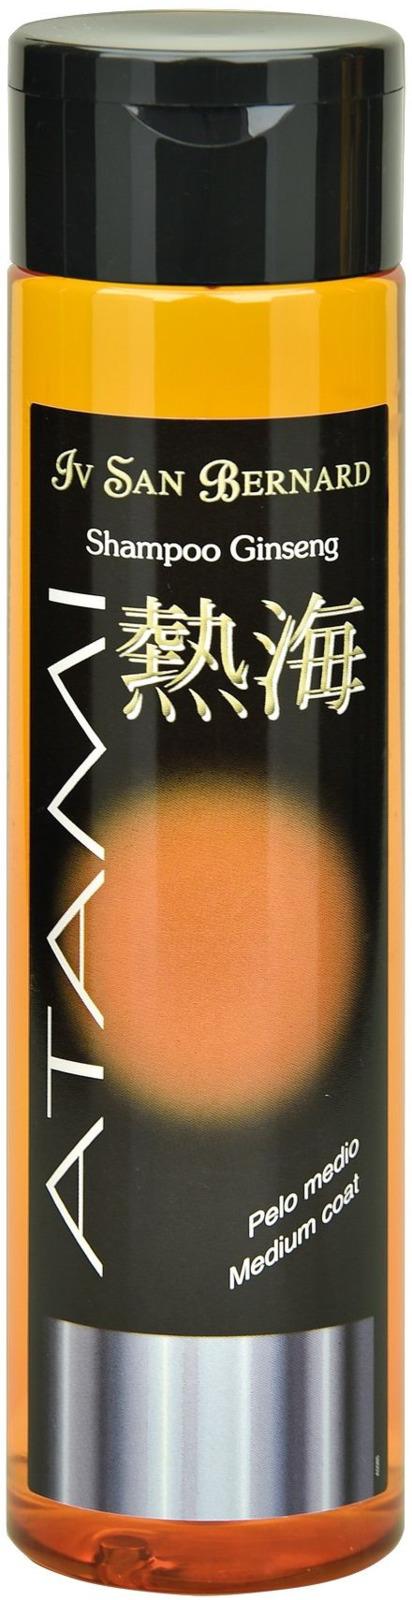 Шампунь-антиоксидант для животных Iv San Bernard ISB Atami Женьшень, для шерсти средней длины и в период линьки, 300 мл кондиционер iv san bernard atami conditioner ginseng medium coat женьшень оживляющий для шерсти средней длины и в перод линьки животных 300 мл